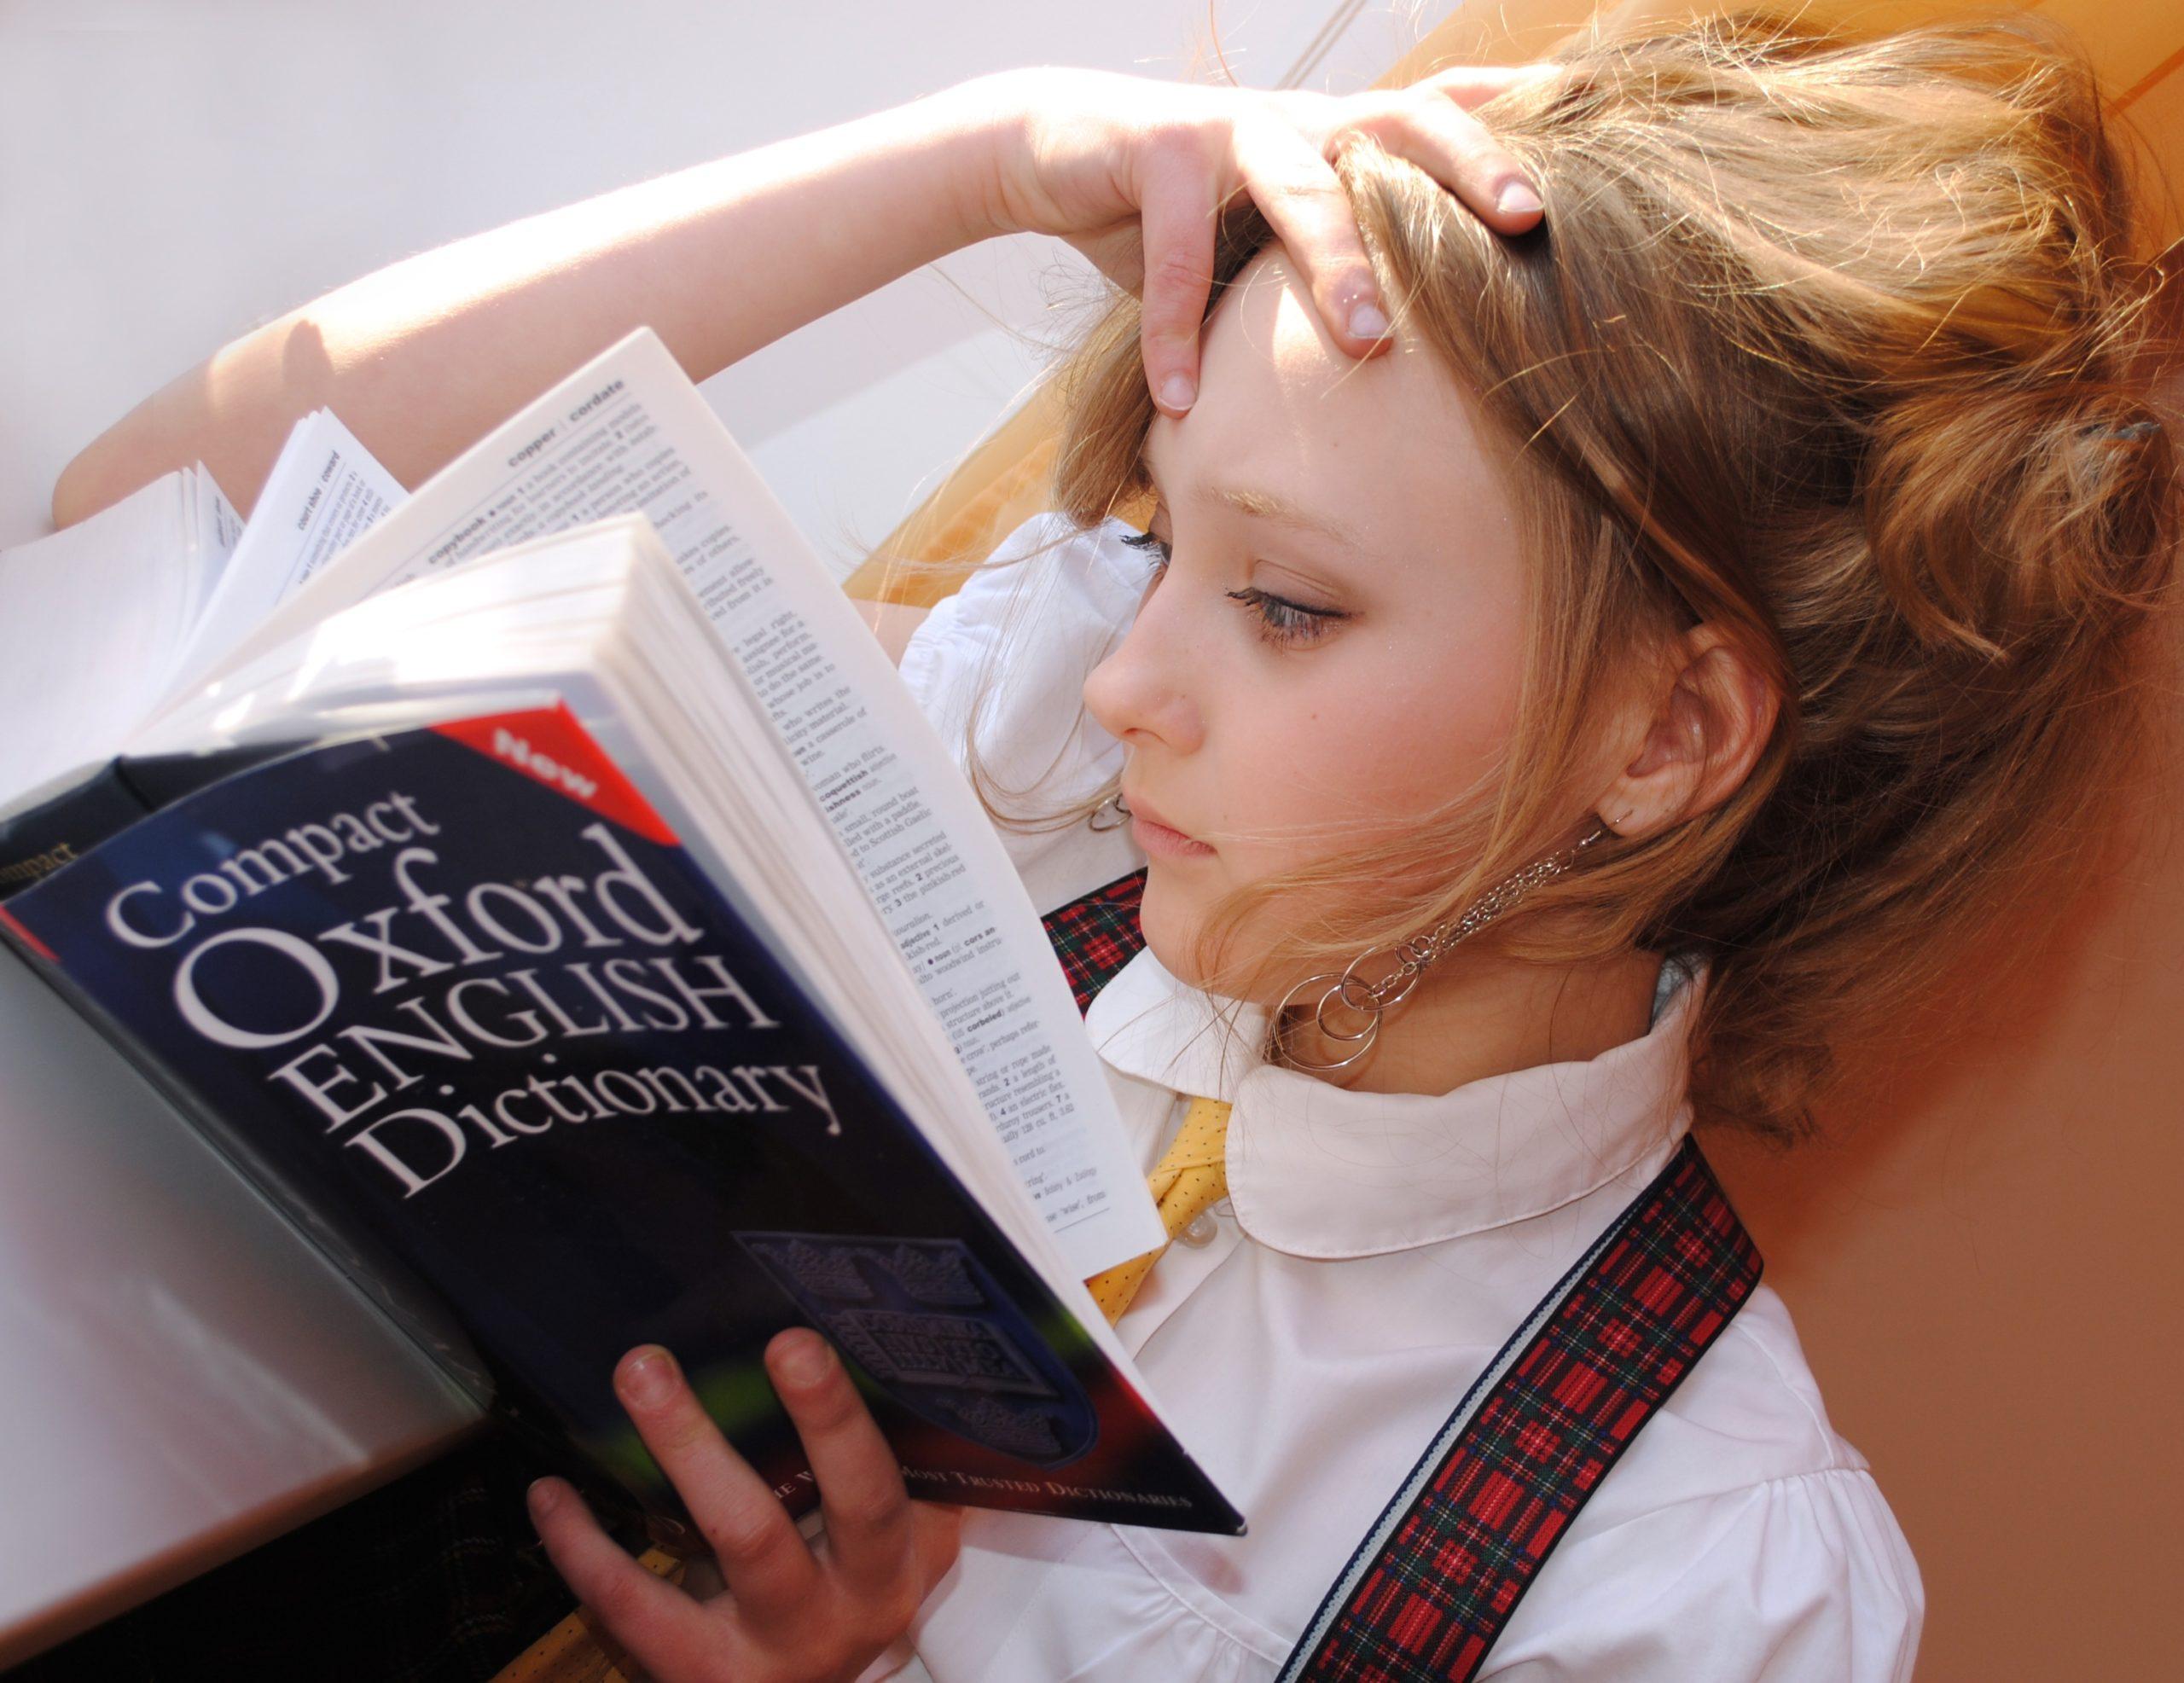 金髪の少女が英語辞書を読んでいる